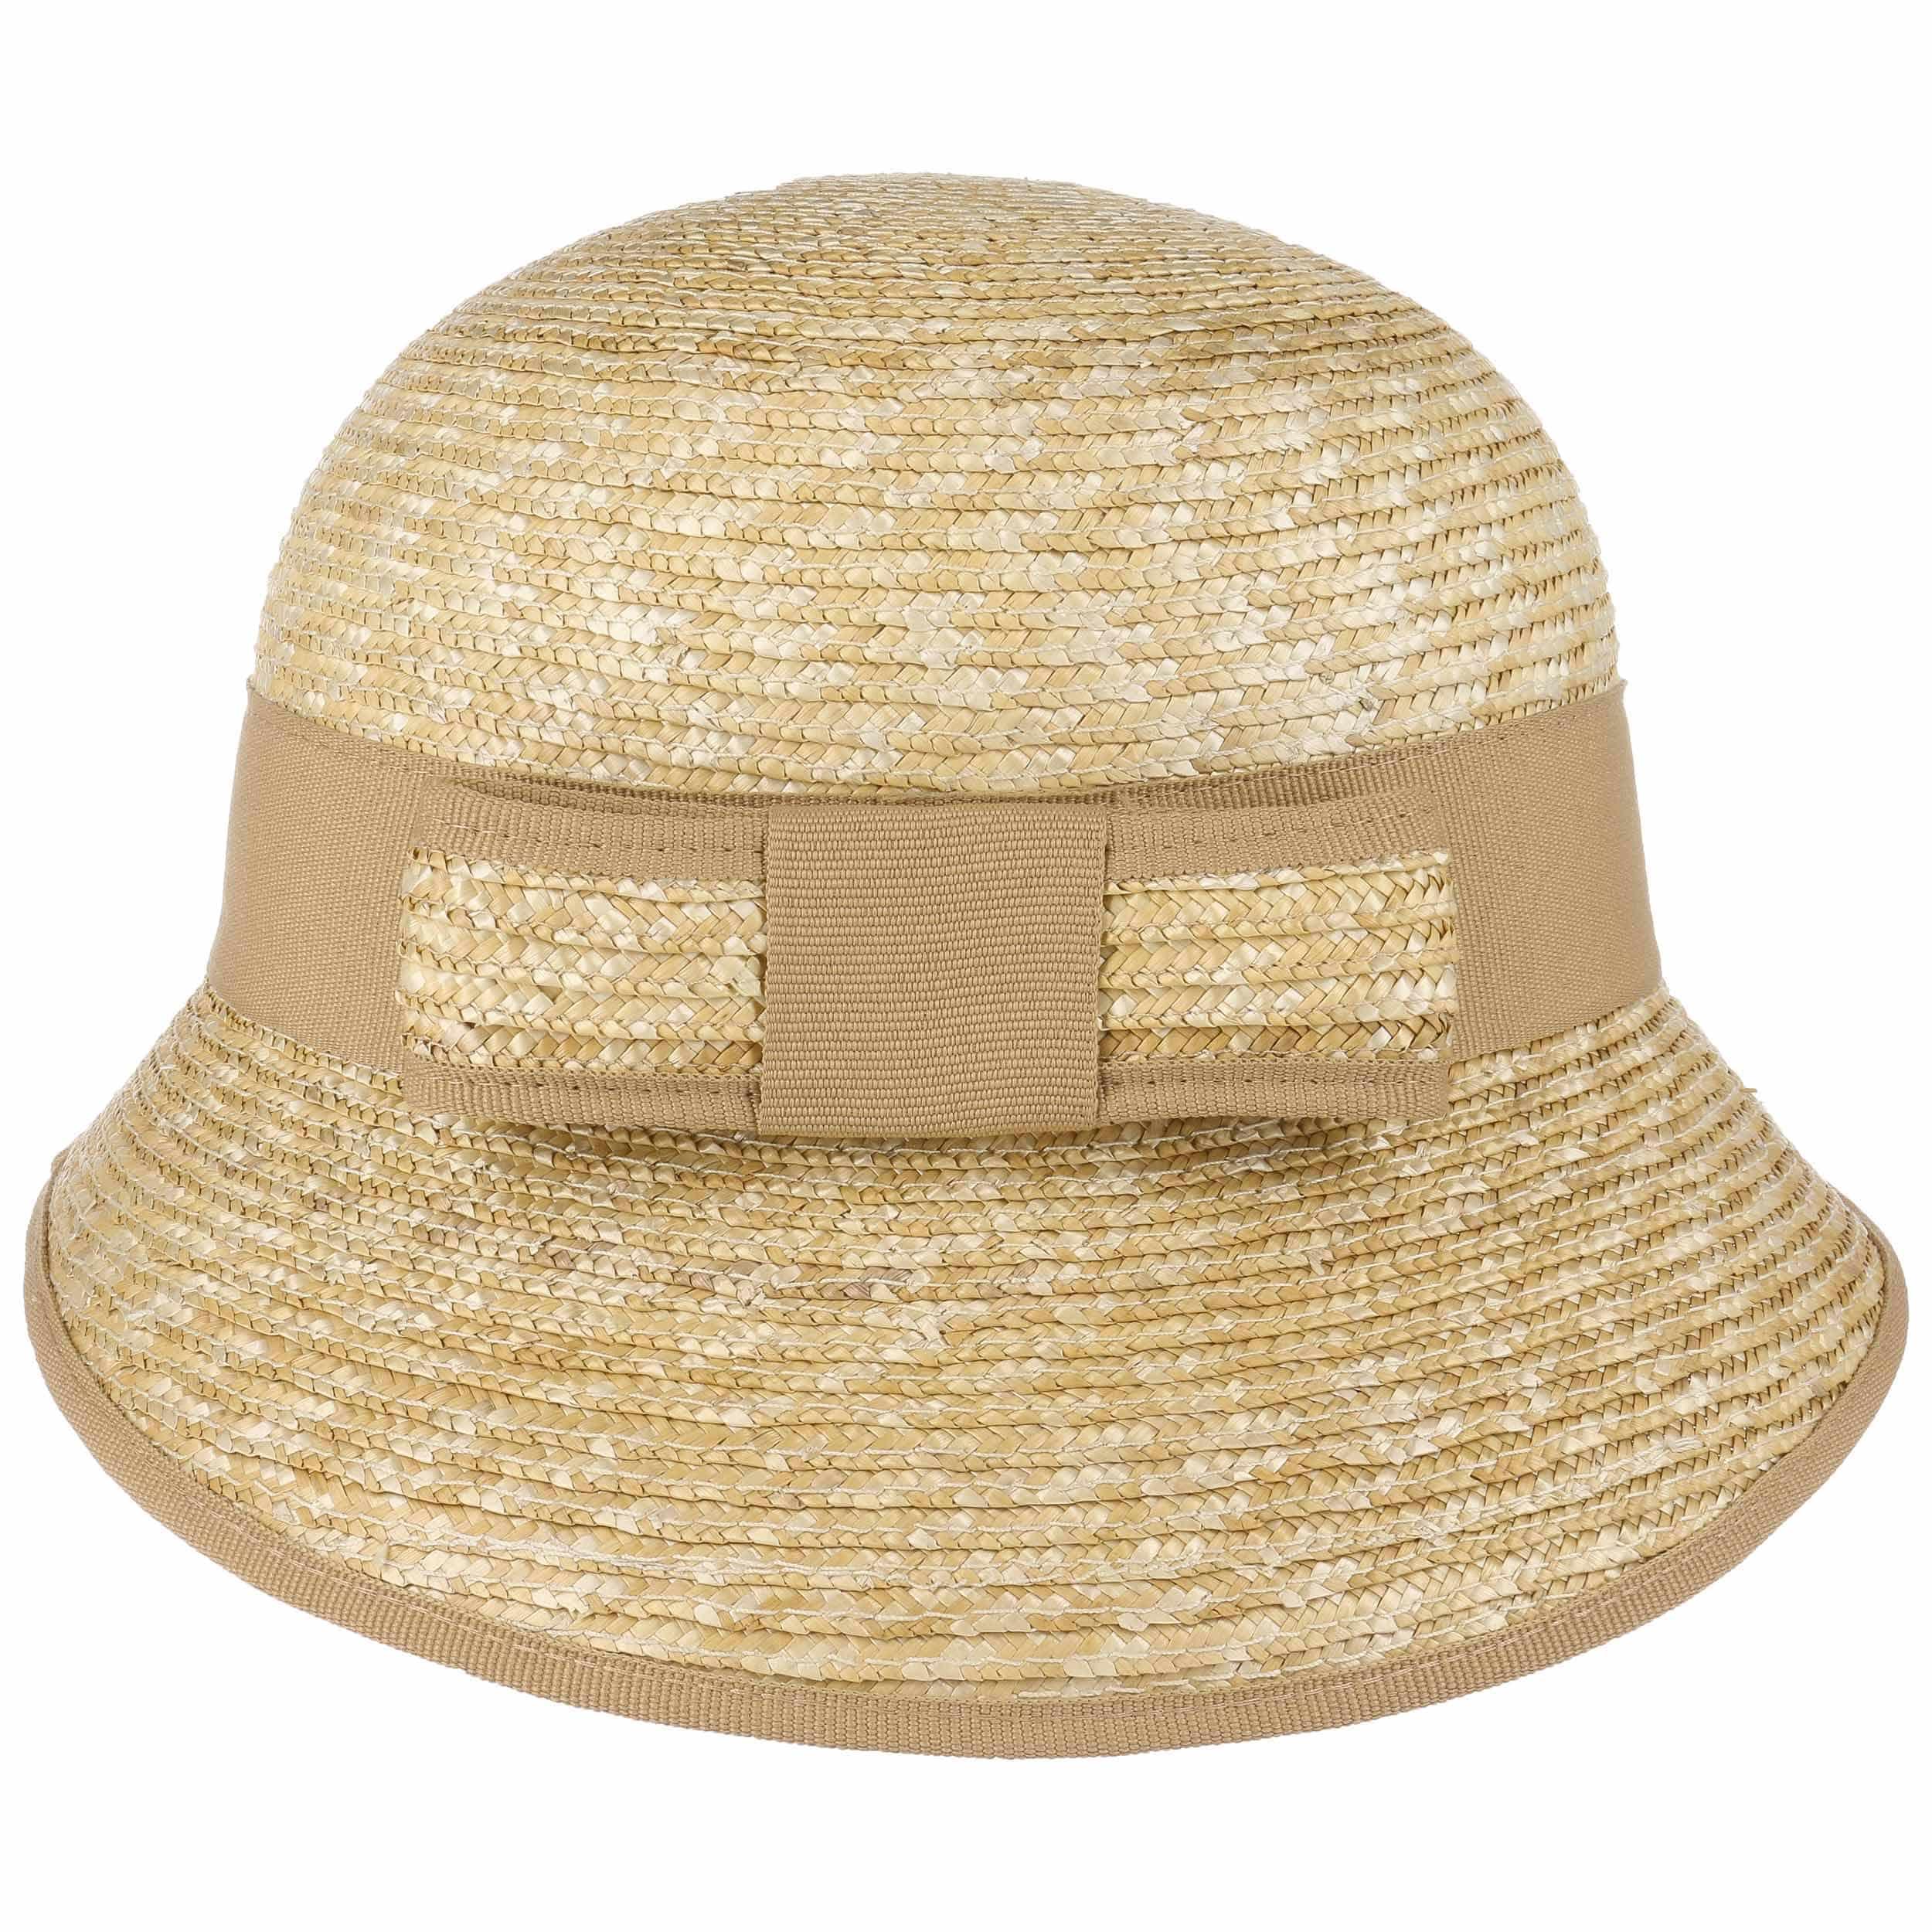 Jelea Straw Hat with Loop by Lierys Sun hats Lierys xZcqhfuuNN